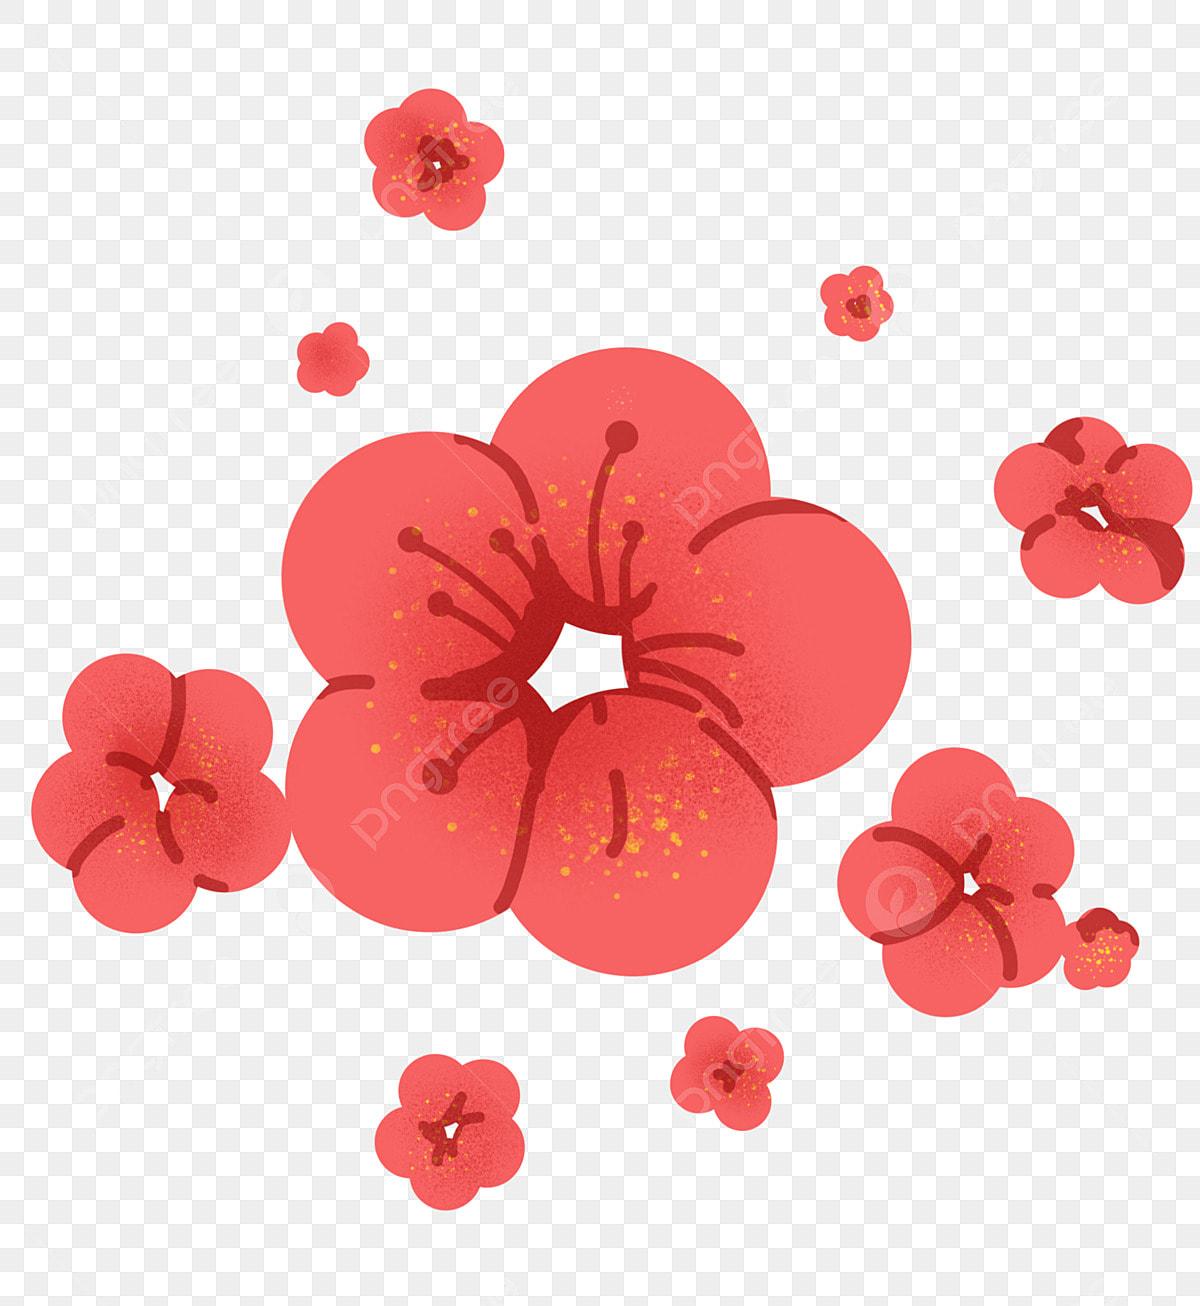 Illustration De Fleur De Cerisier Rouge Japonais Clipart Fleur De Cerisier Fleur De Cerisier Rouge Illustration De Dessin Anime Fichier Png Et Psd Pour Le Telechargement Libre